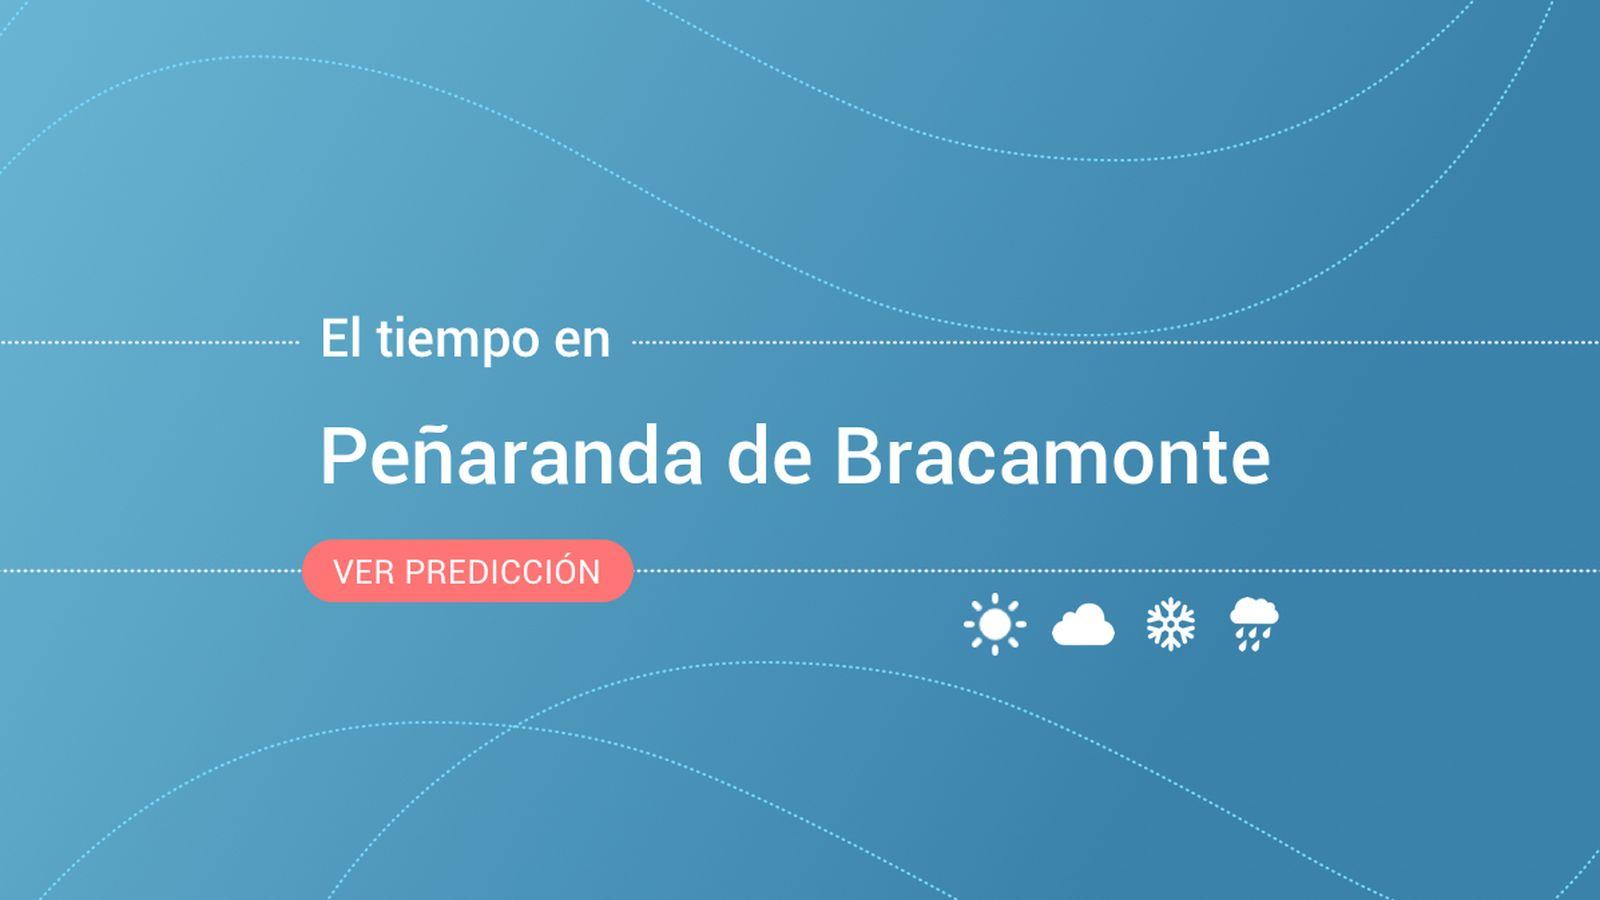 Foto: El tiempo en Peñaranda de Bracamonte. (EC)